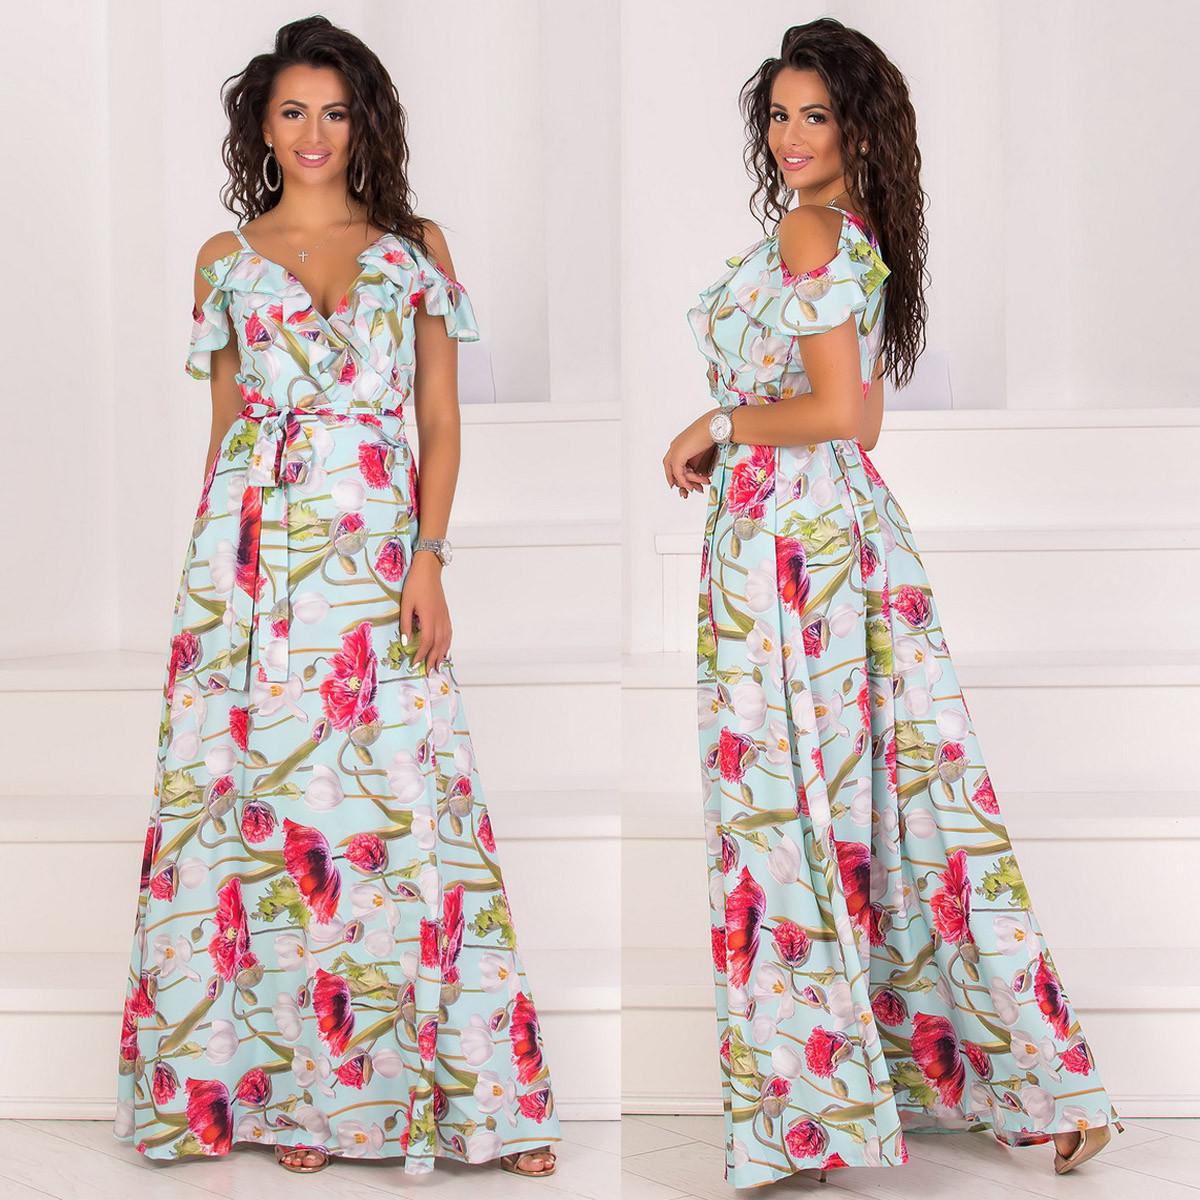 """Літнє плаття-сарафан в підлогу з квітковим принтом """"Акапулько"""""""